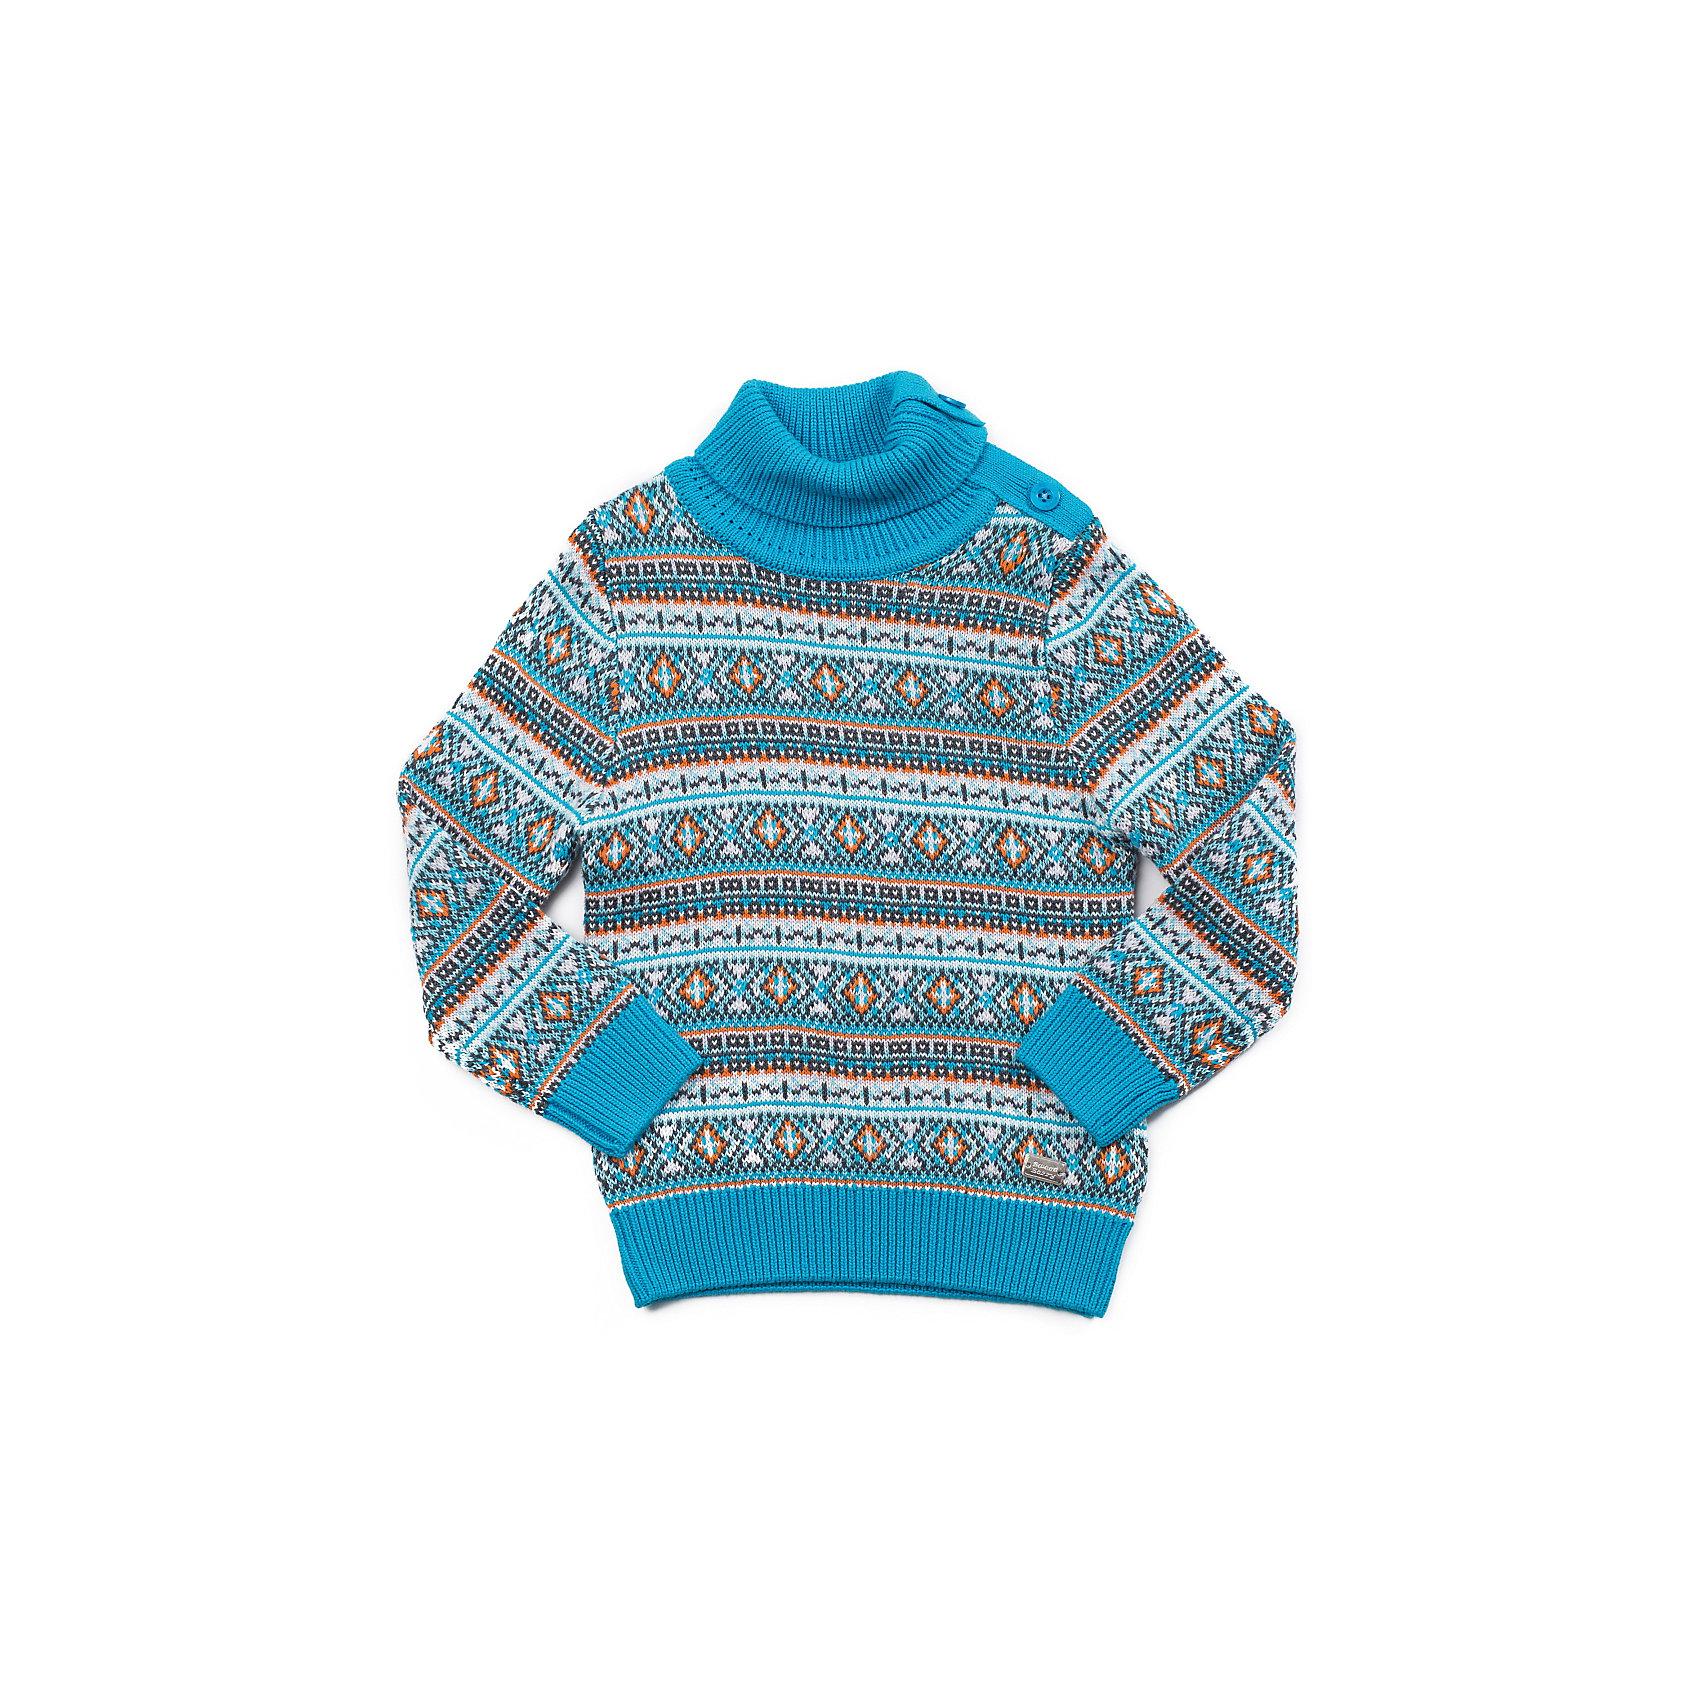 Свитер для мальчика Sweet BerryСвитер для мальчика с застежкой по горловине для комфортного одевания. Модная жаккардовая вязка в виде орнамента.<br>Состав:<br>60% хлопок, 40% акрил<br><br>Ширина мм: 190<br>Глубина мм: 74<br>Высота мм: 229<br>Вес г: 236<br>Цвет: разноцветный<br>Возраст от месяцев: 12<br>Возраст до месяцев: 18<br>Пол: Мужской<br>Возраст: Детский<br>Размер: 86,92,80,98<br>SKU: 4273282